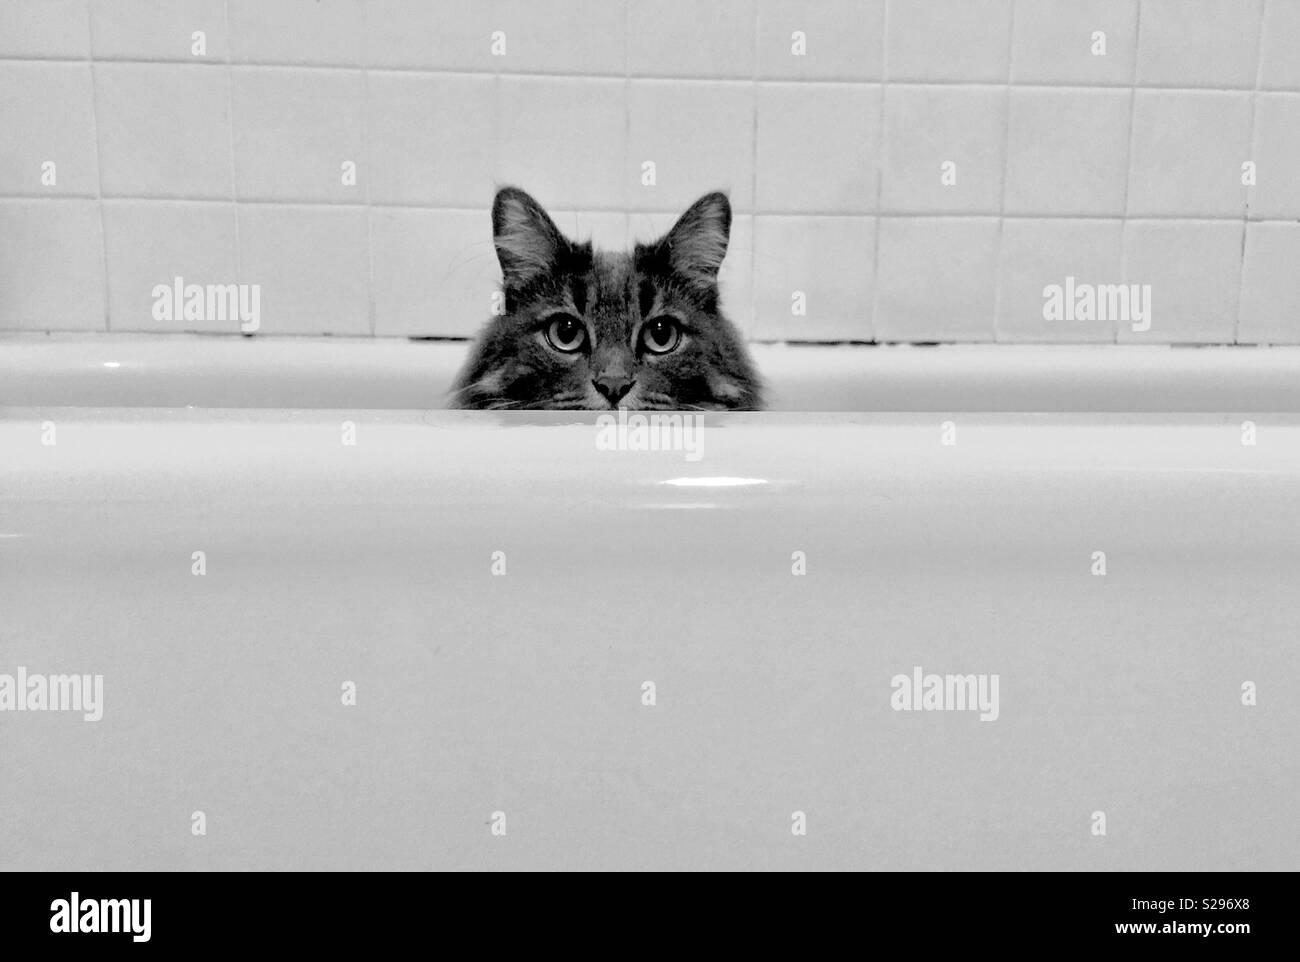 Katze in der Badewanne. Stockbild